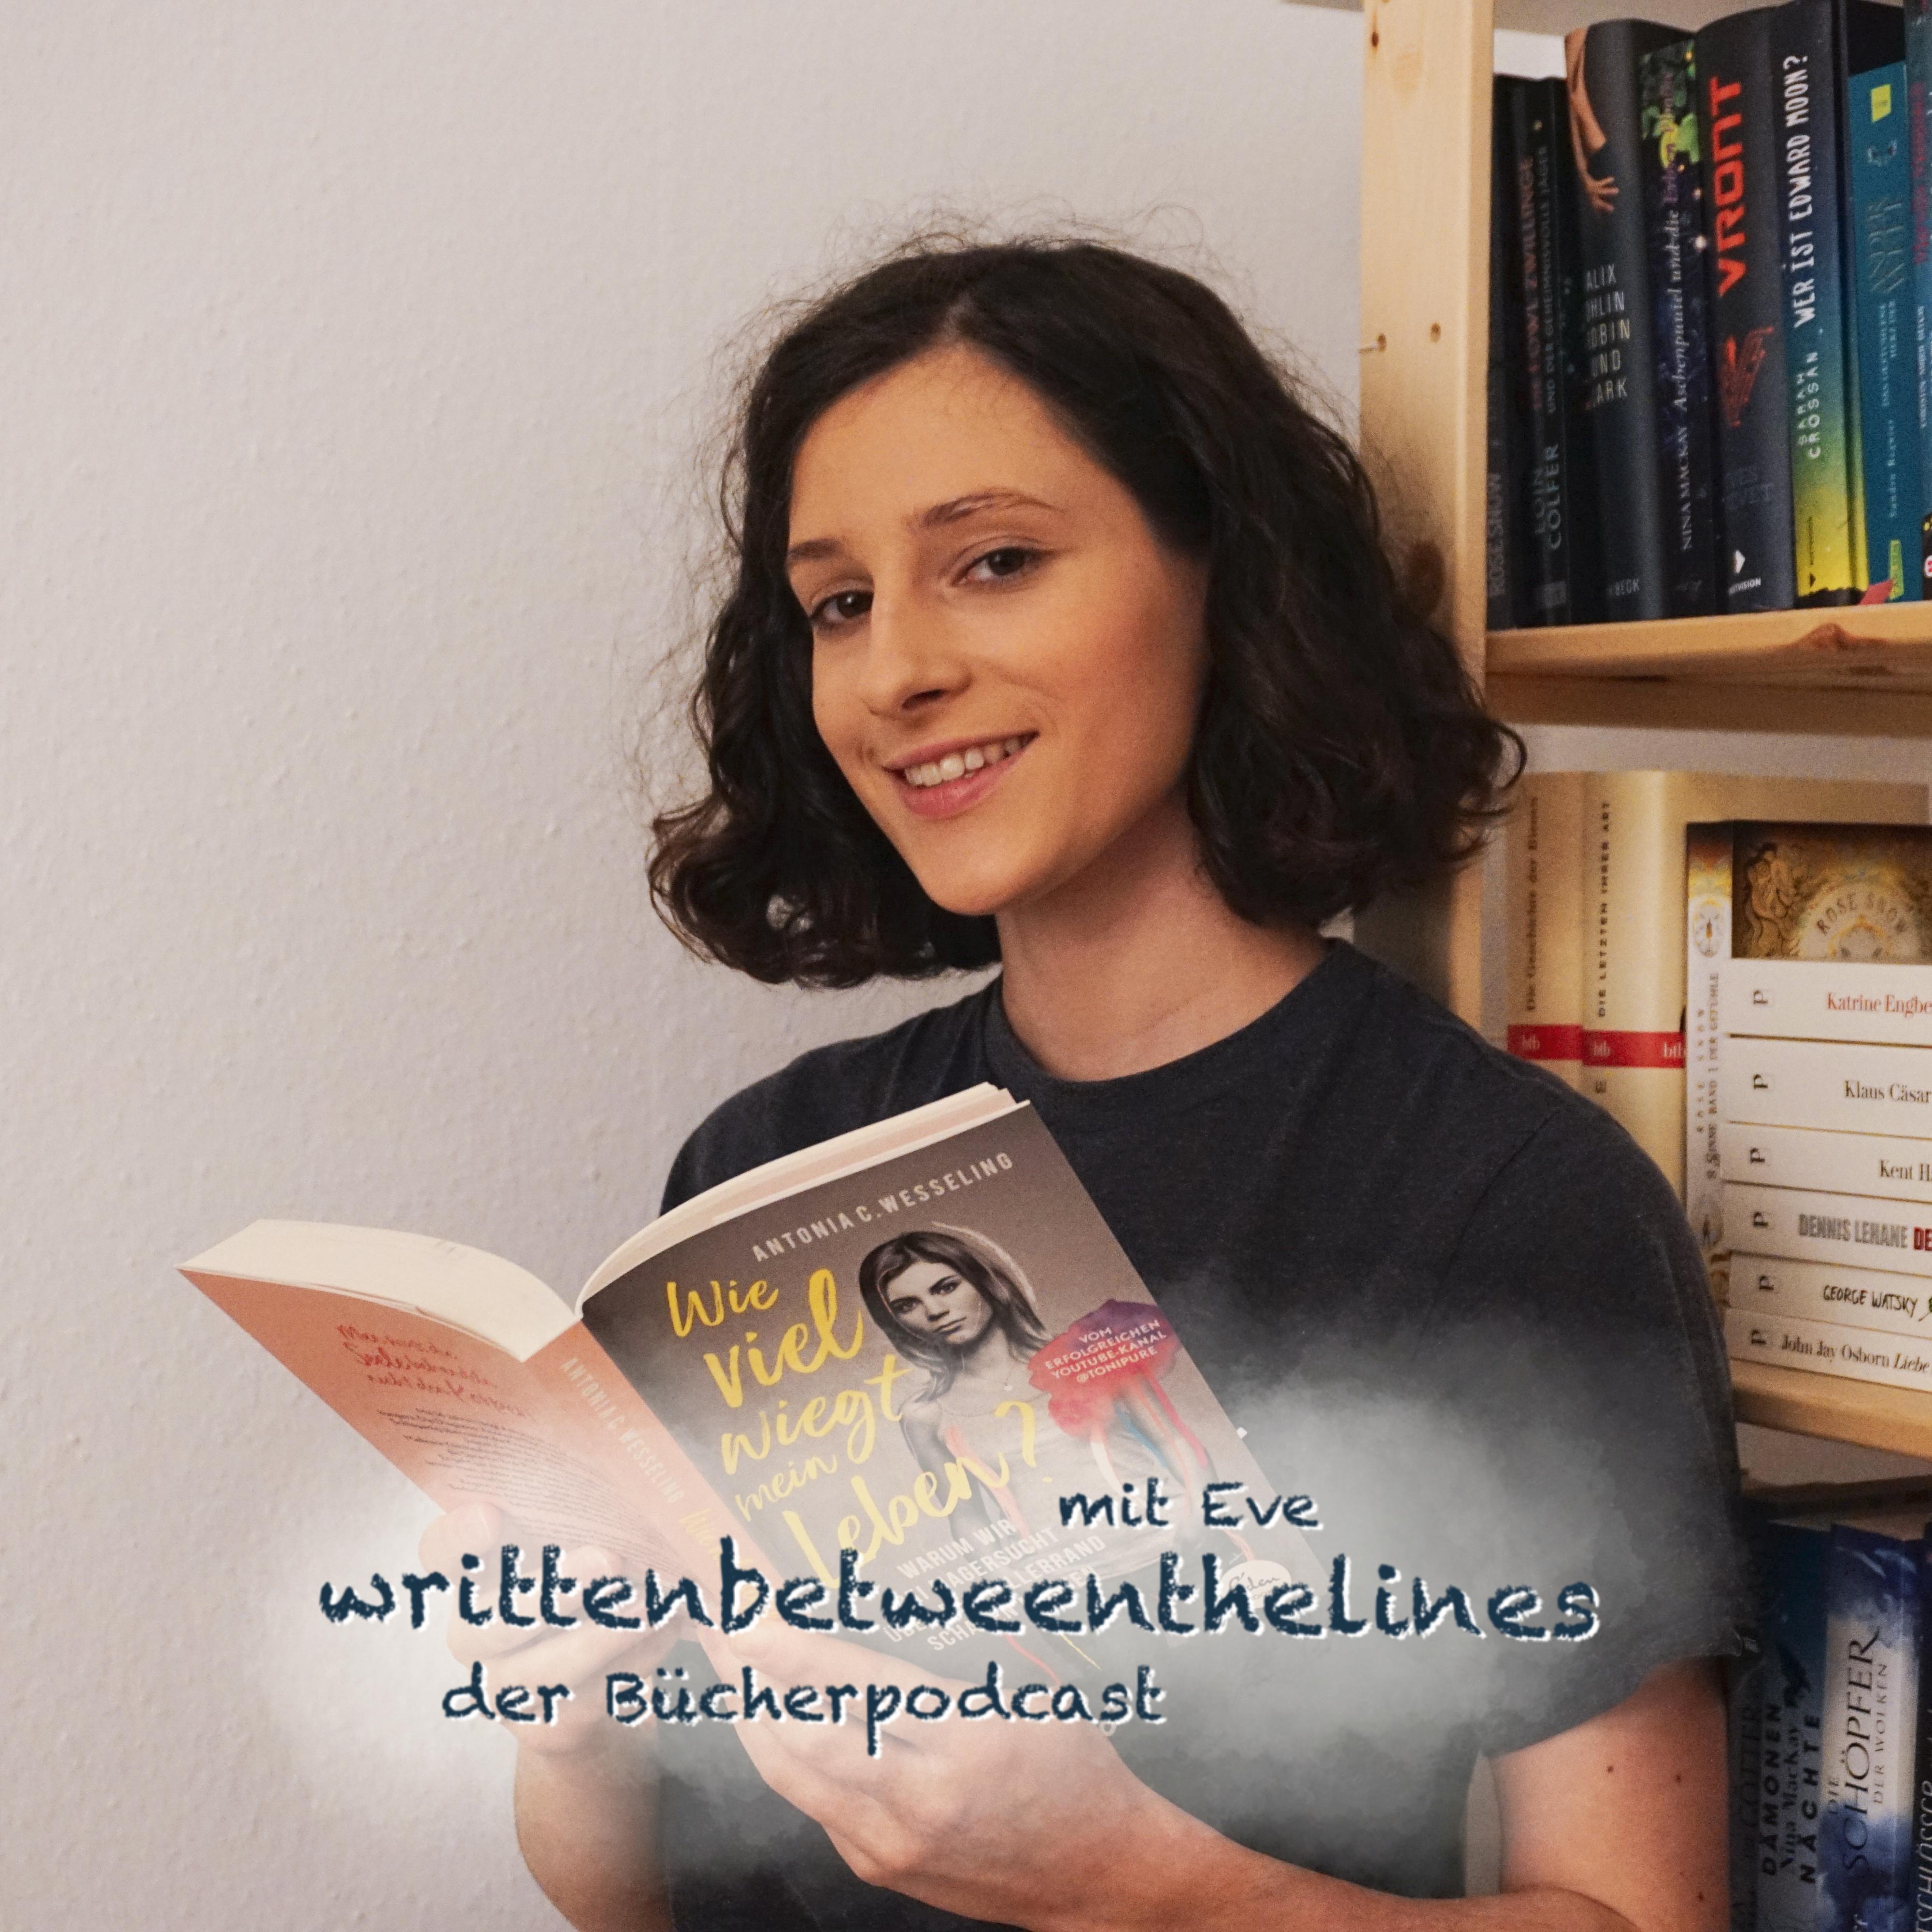 Folge 011 — writtenbetweenthelines der Bücherpodcast